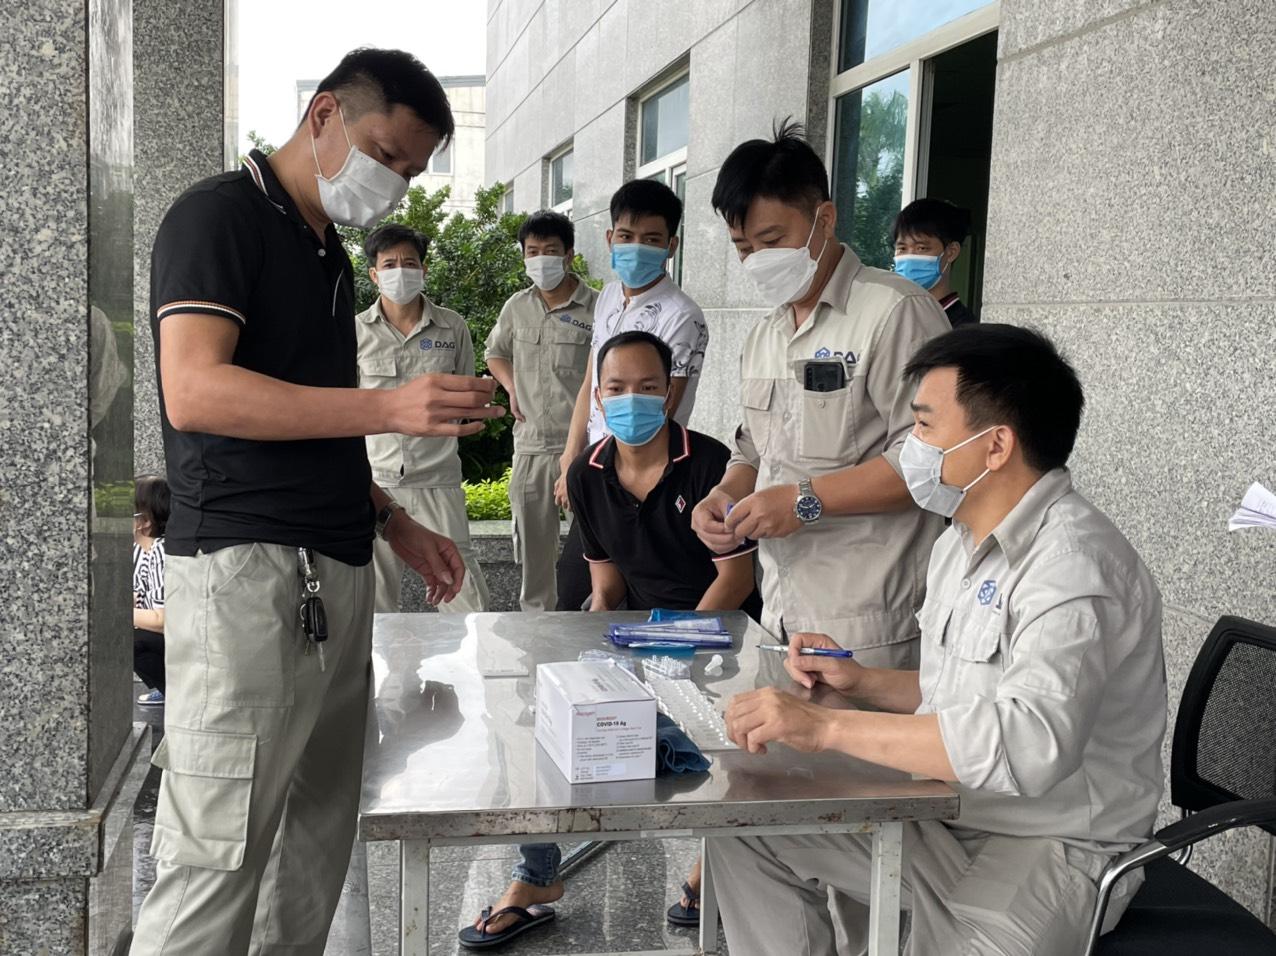 DAG thực hiện đầy đủ các biện pháp phòng chống dịch COVID-19